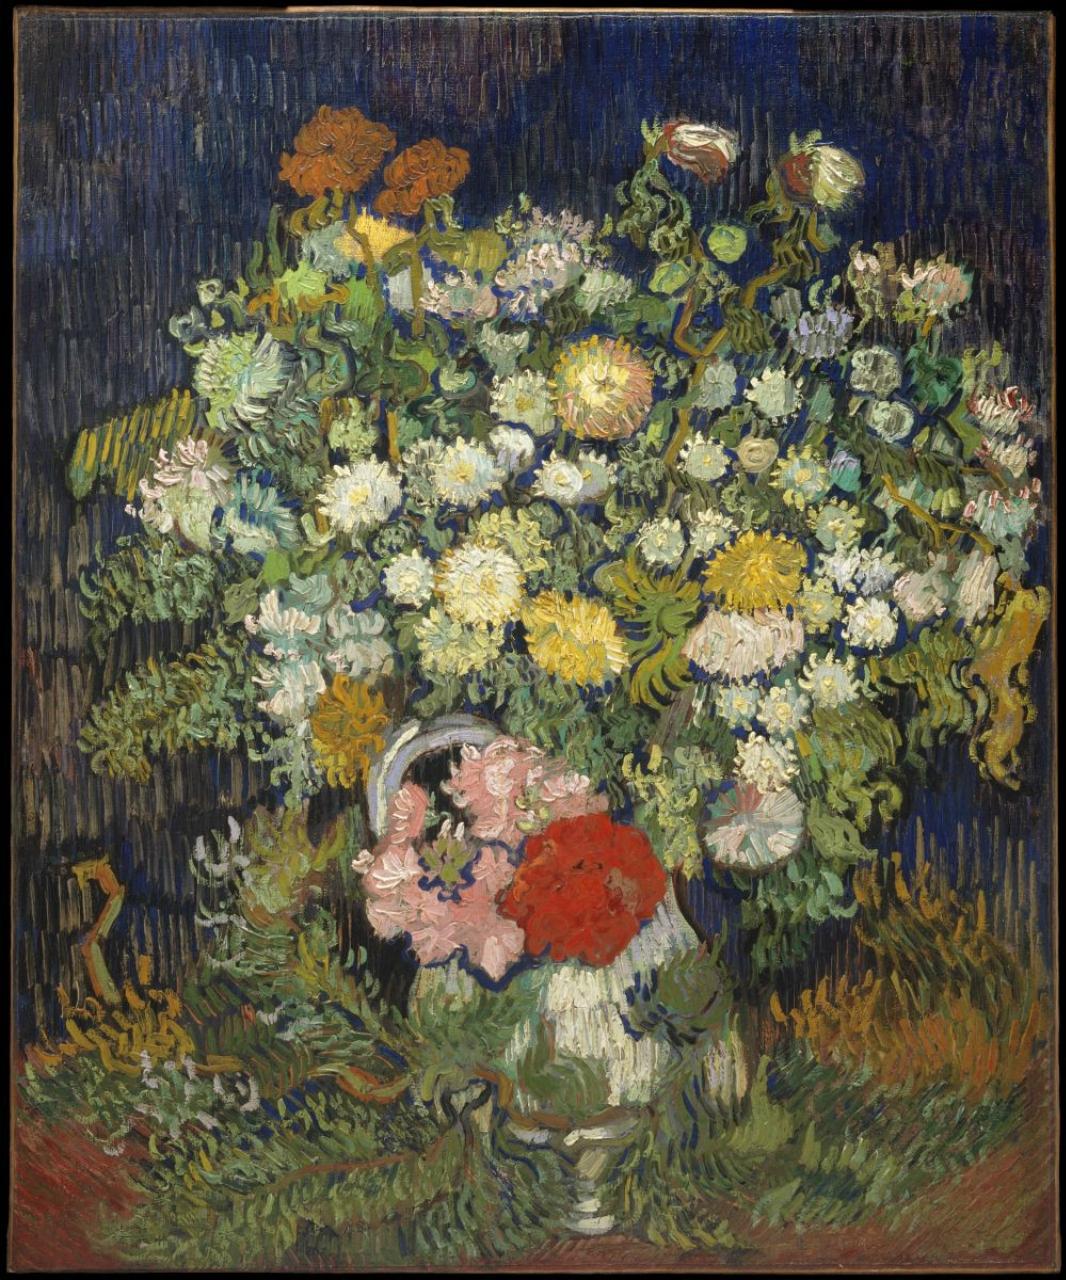 Винсент Ван Гог. Хризантемы и дикие цветы в вазе.